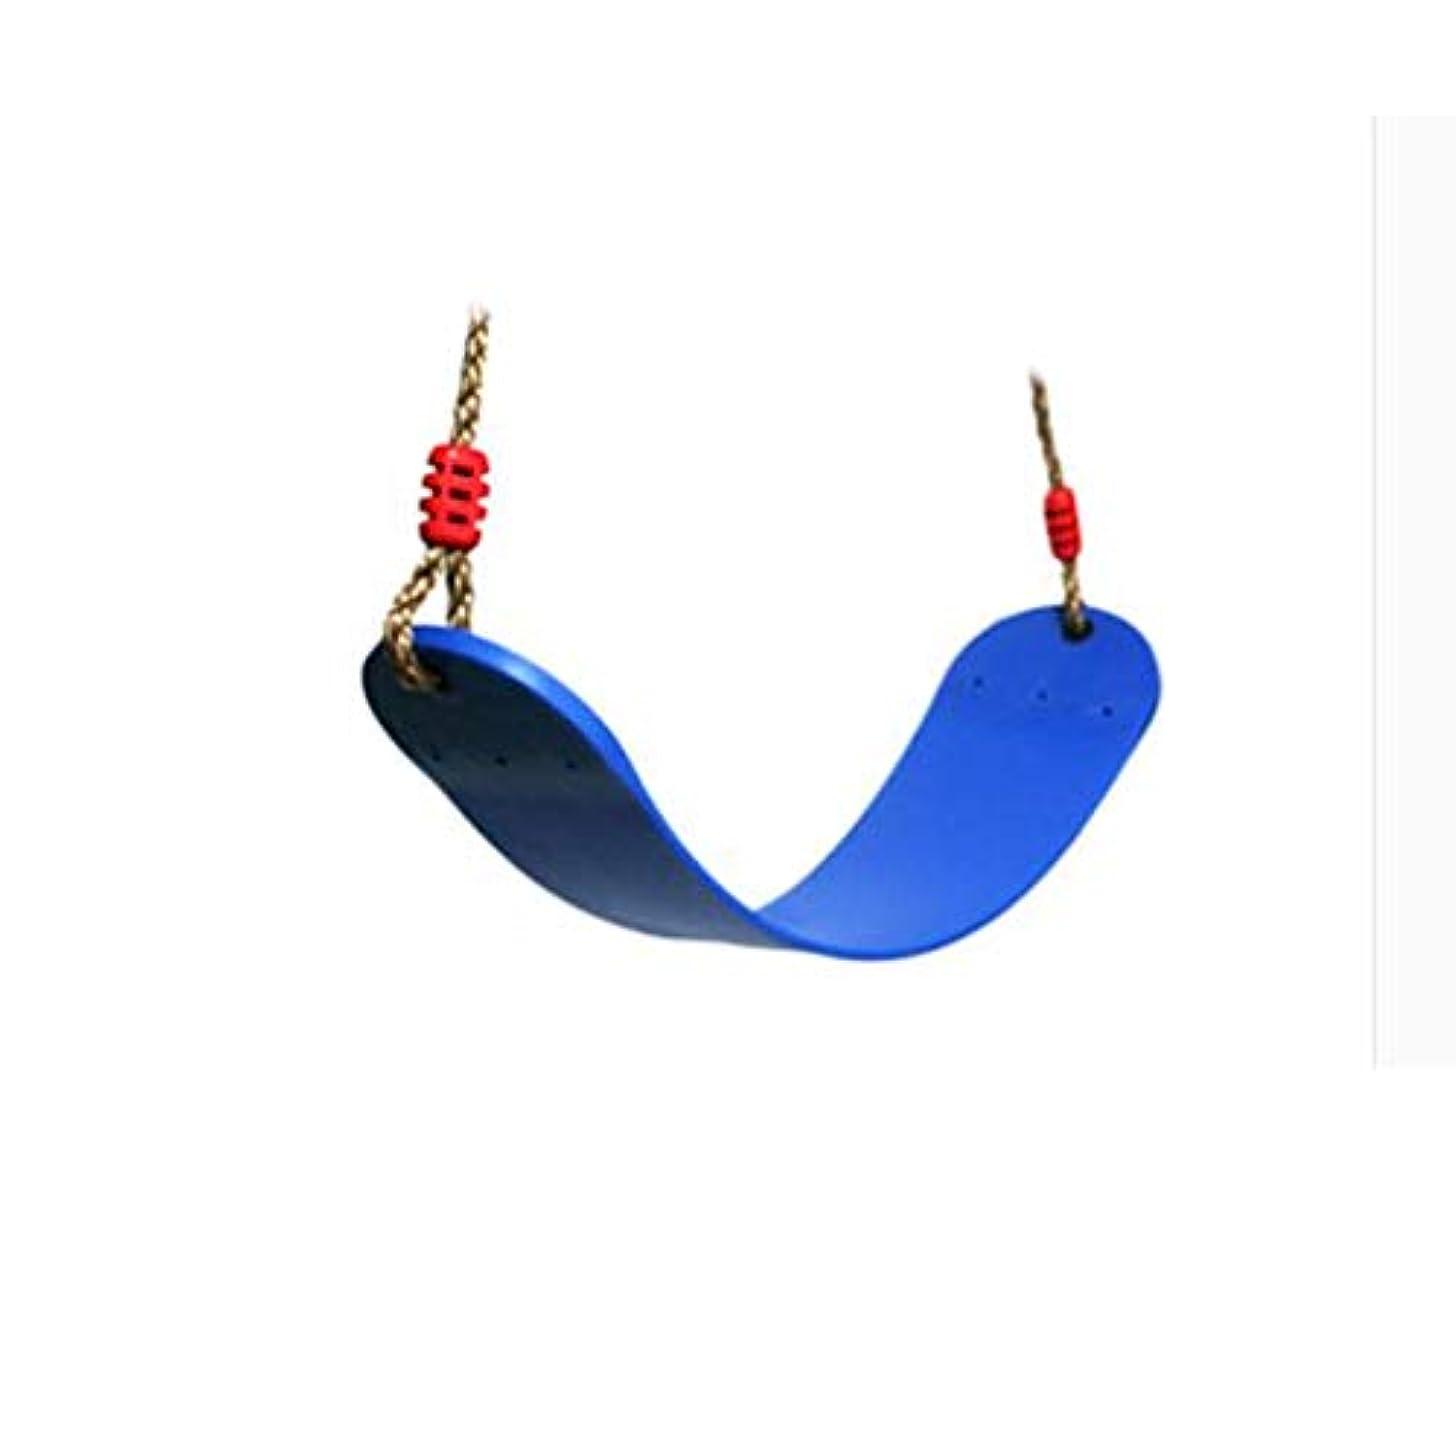 歪める男広告主LPKH スイングシート子供用大人用ソフトボードスイングクレードルチェアベビー屋内用屋外スイング玩具 (色 : 青)